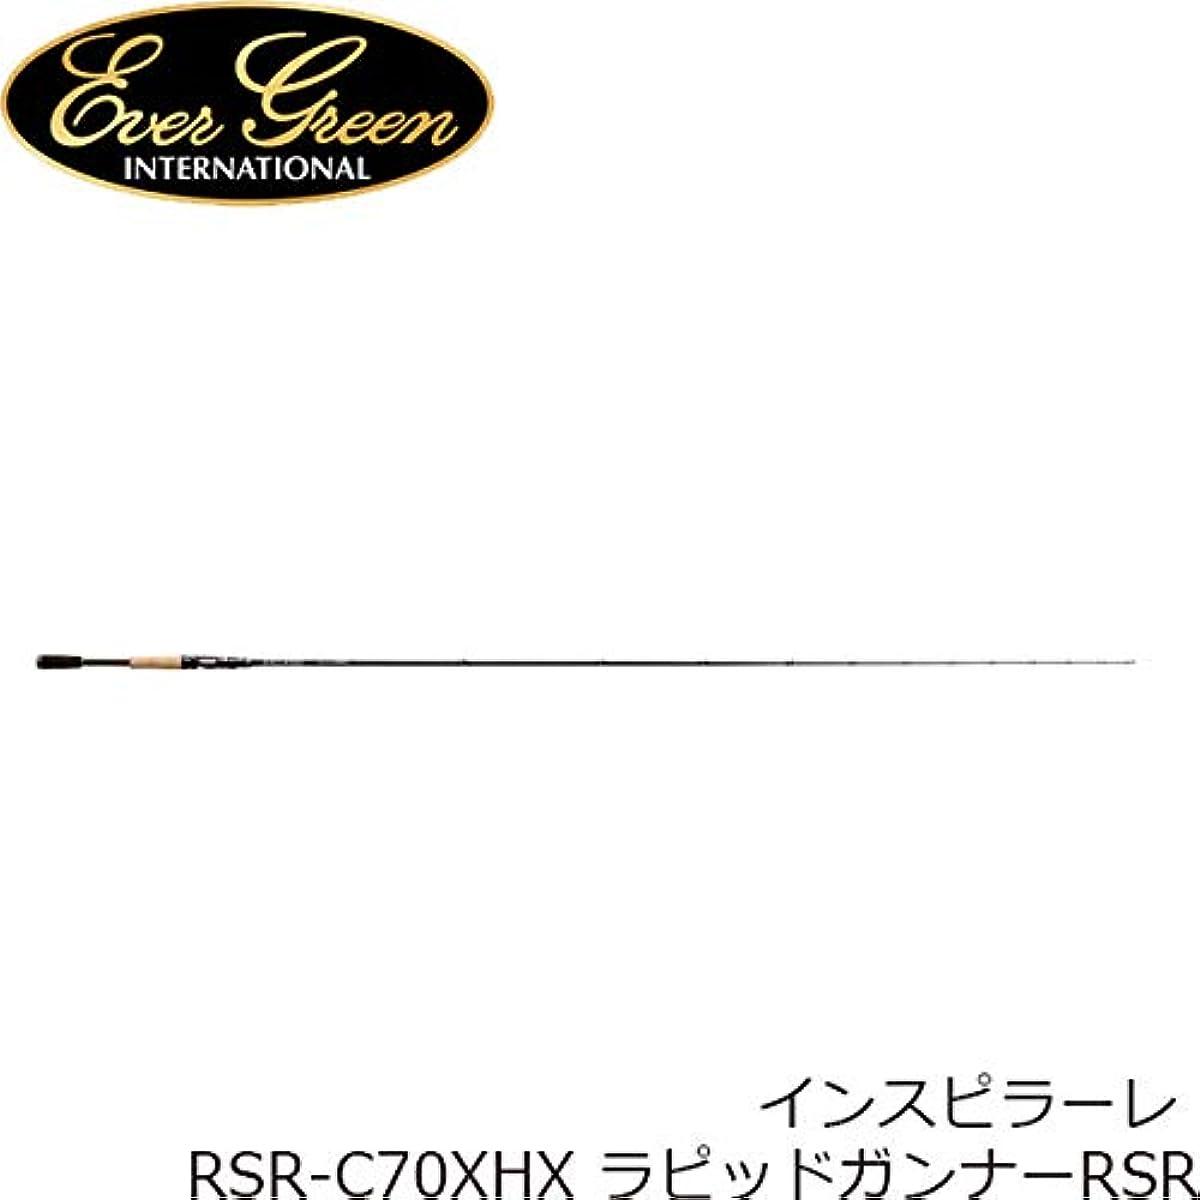 [해외] 애버그린인스필러레 라핏토건나RSR RSR-C70XHX